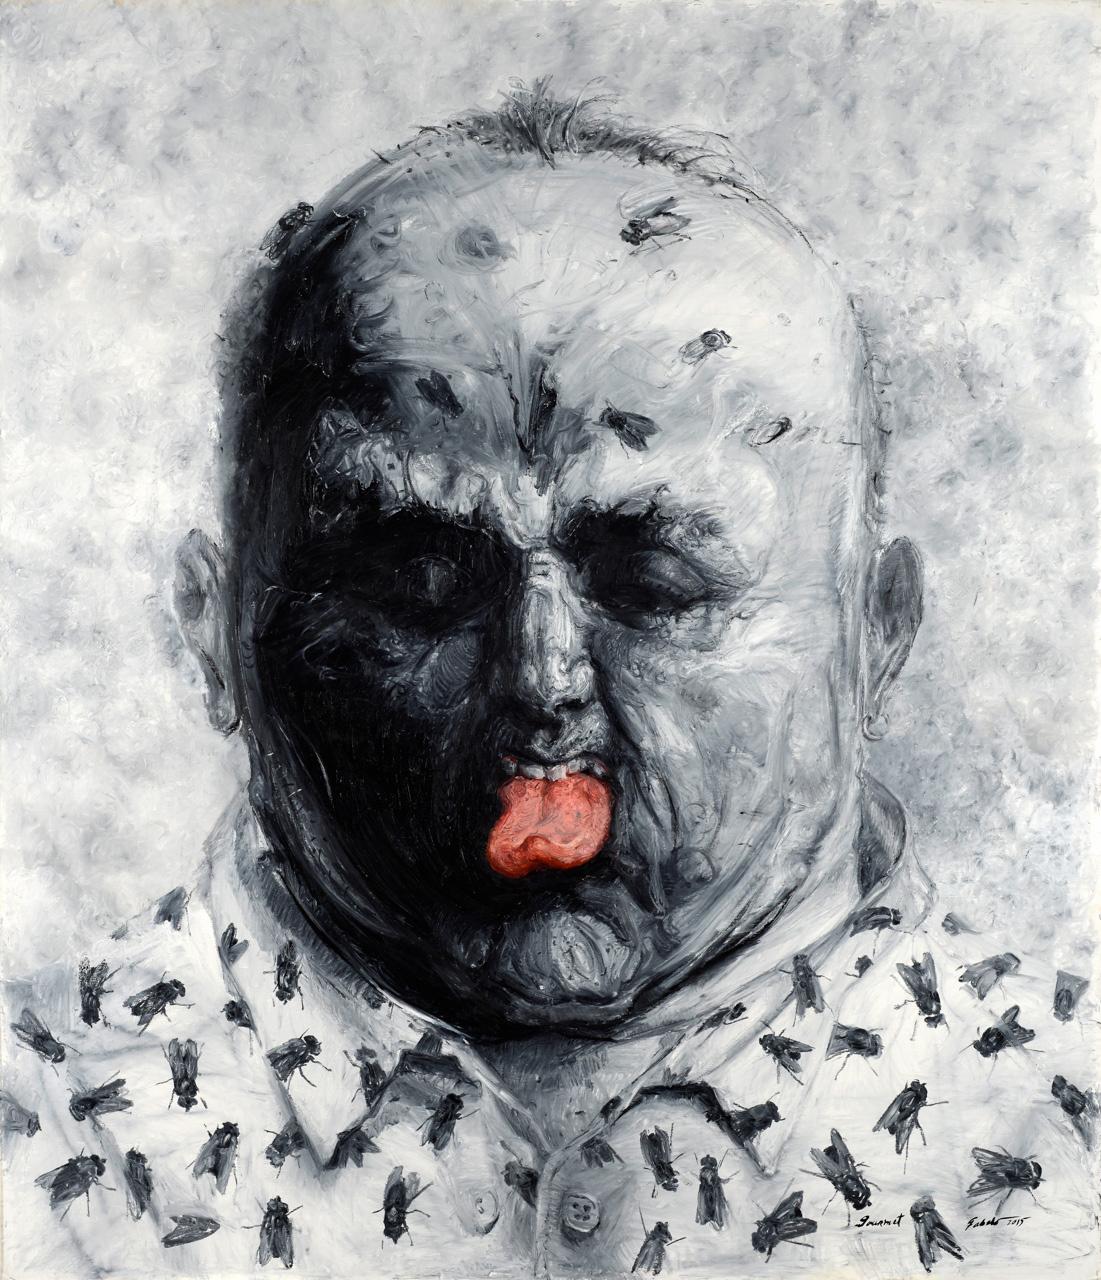 Roberto Fabelo, Cernuda Arte